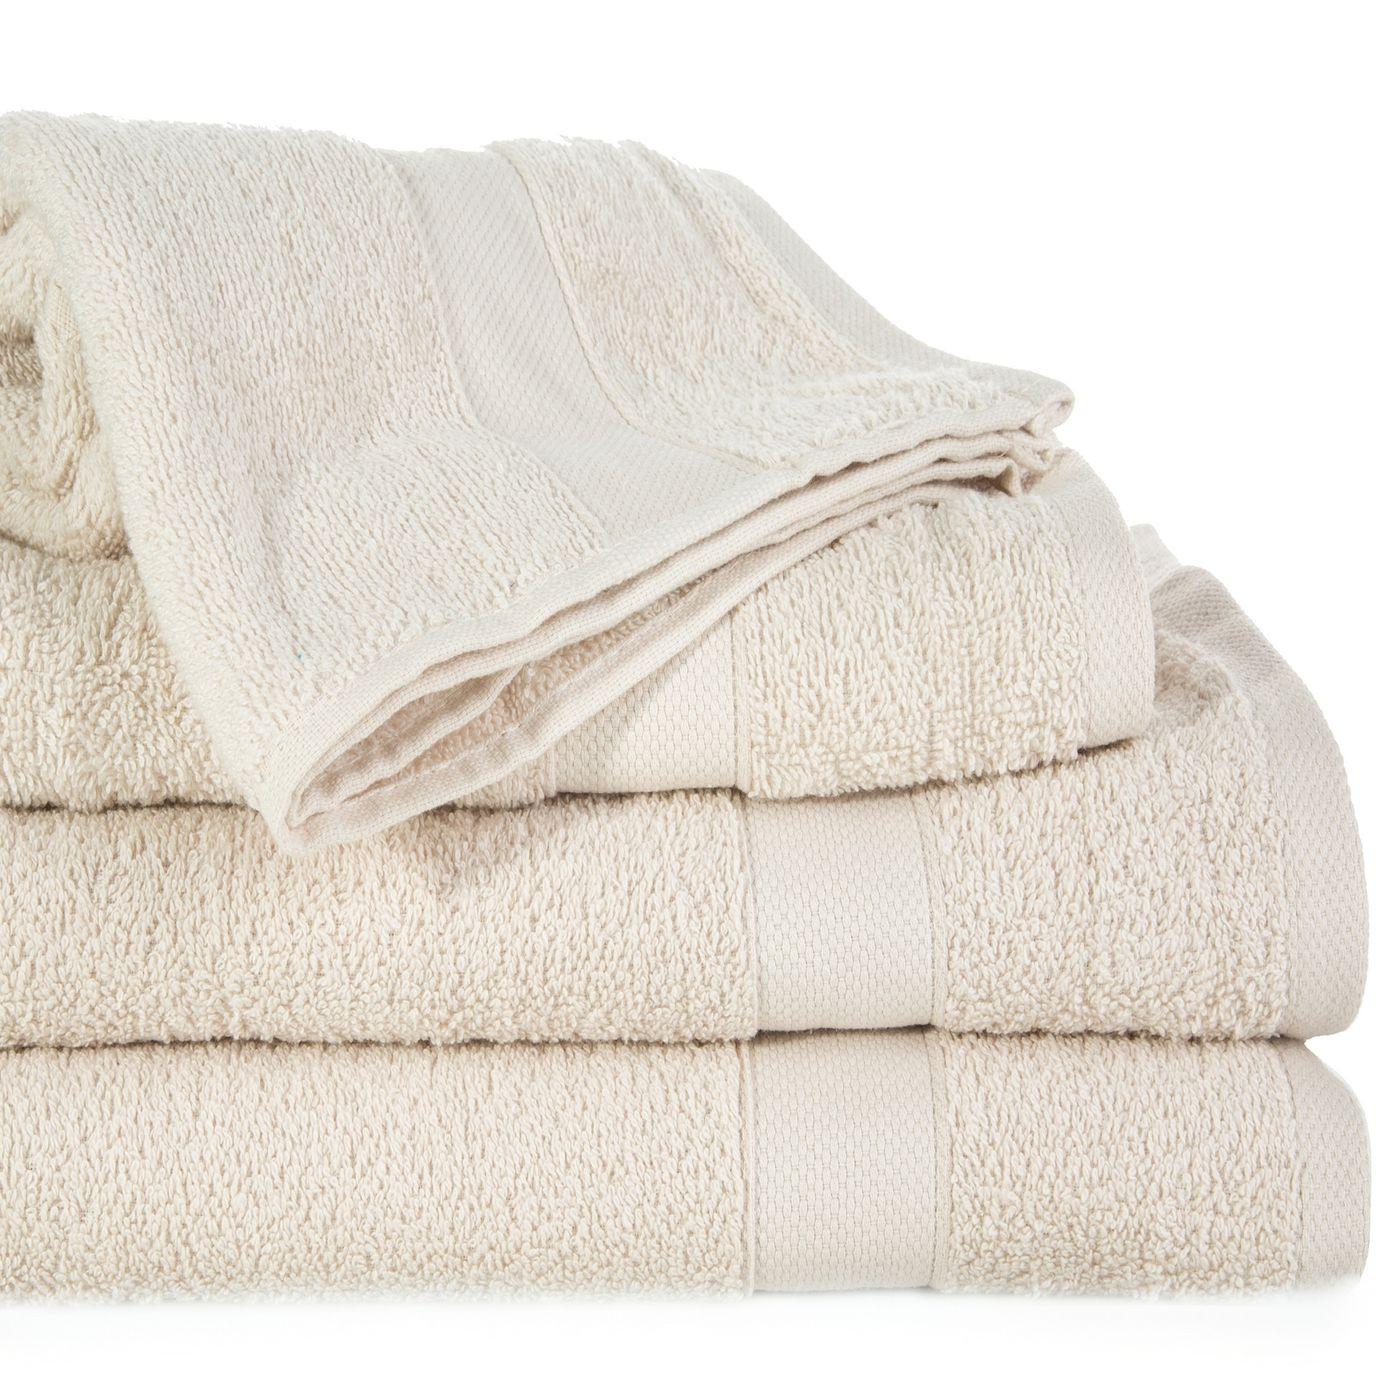 Miękki chłonny ręcznik kąpielowy beżowy 50x90